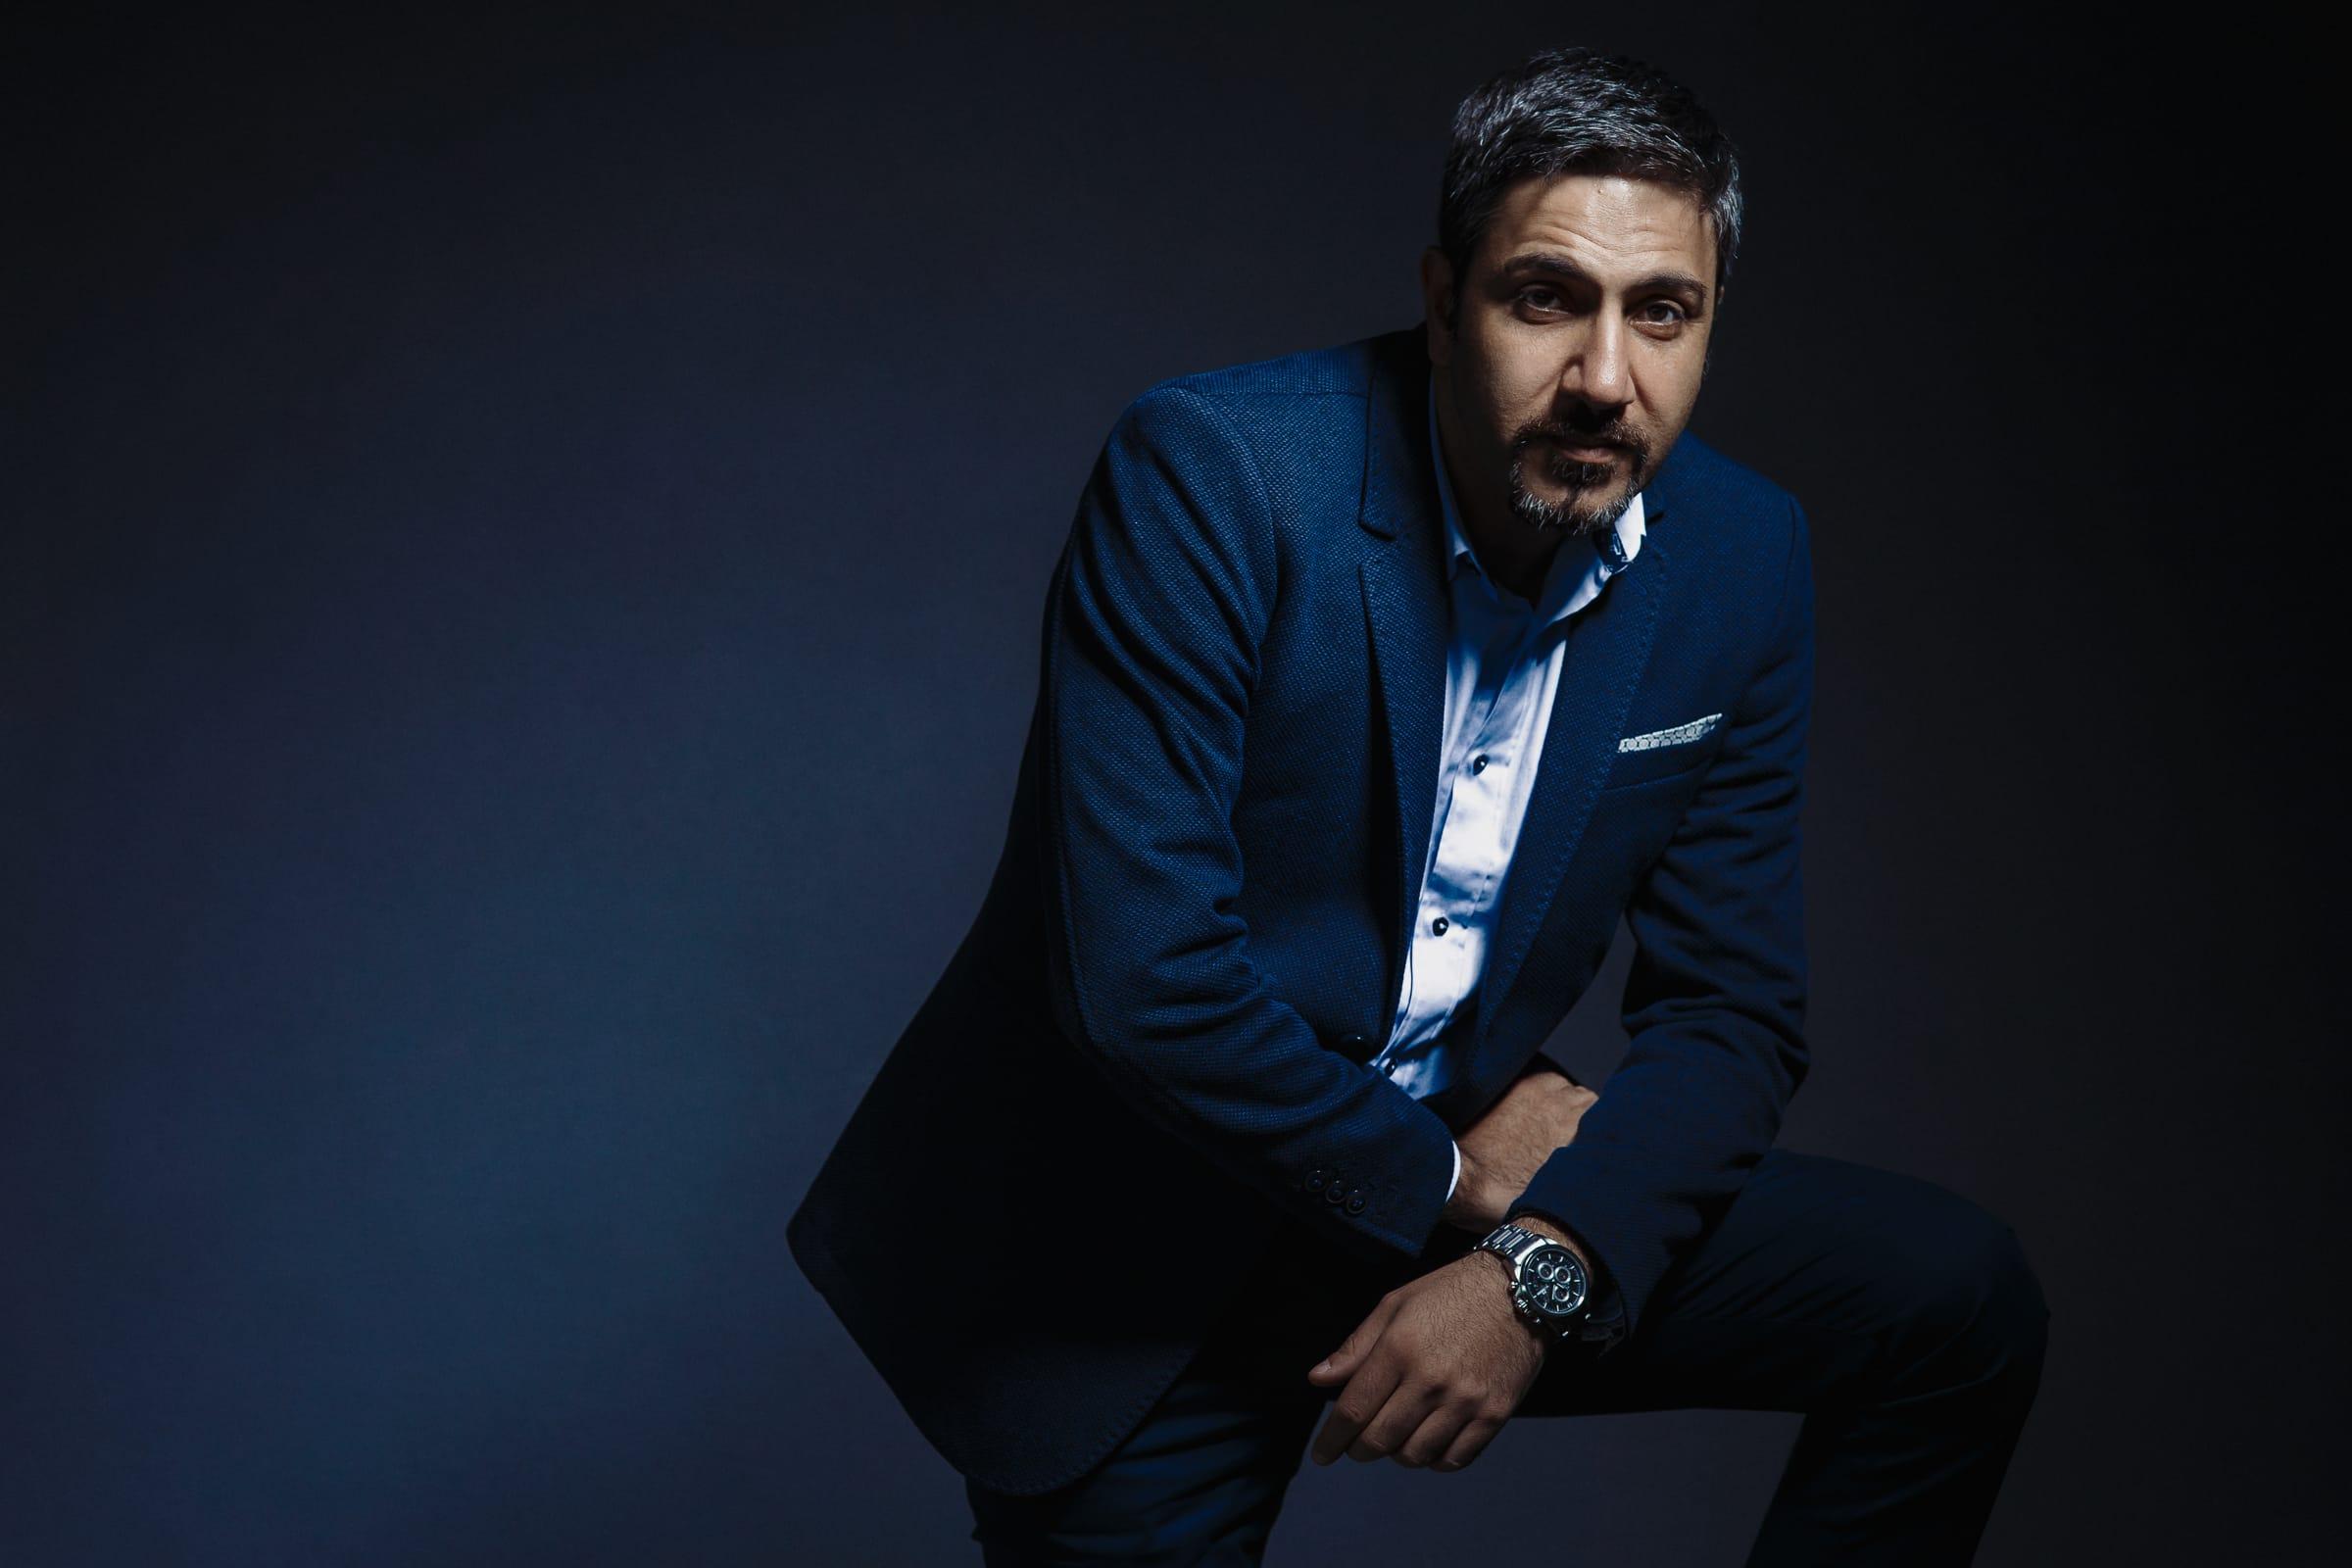 бизнесмен в синем костюме